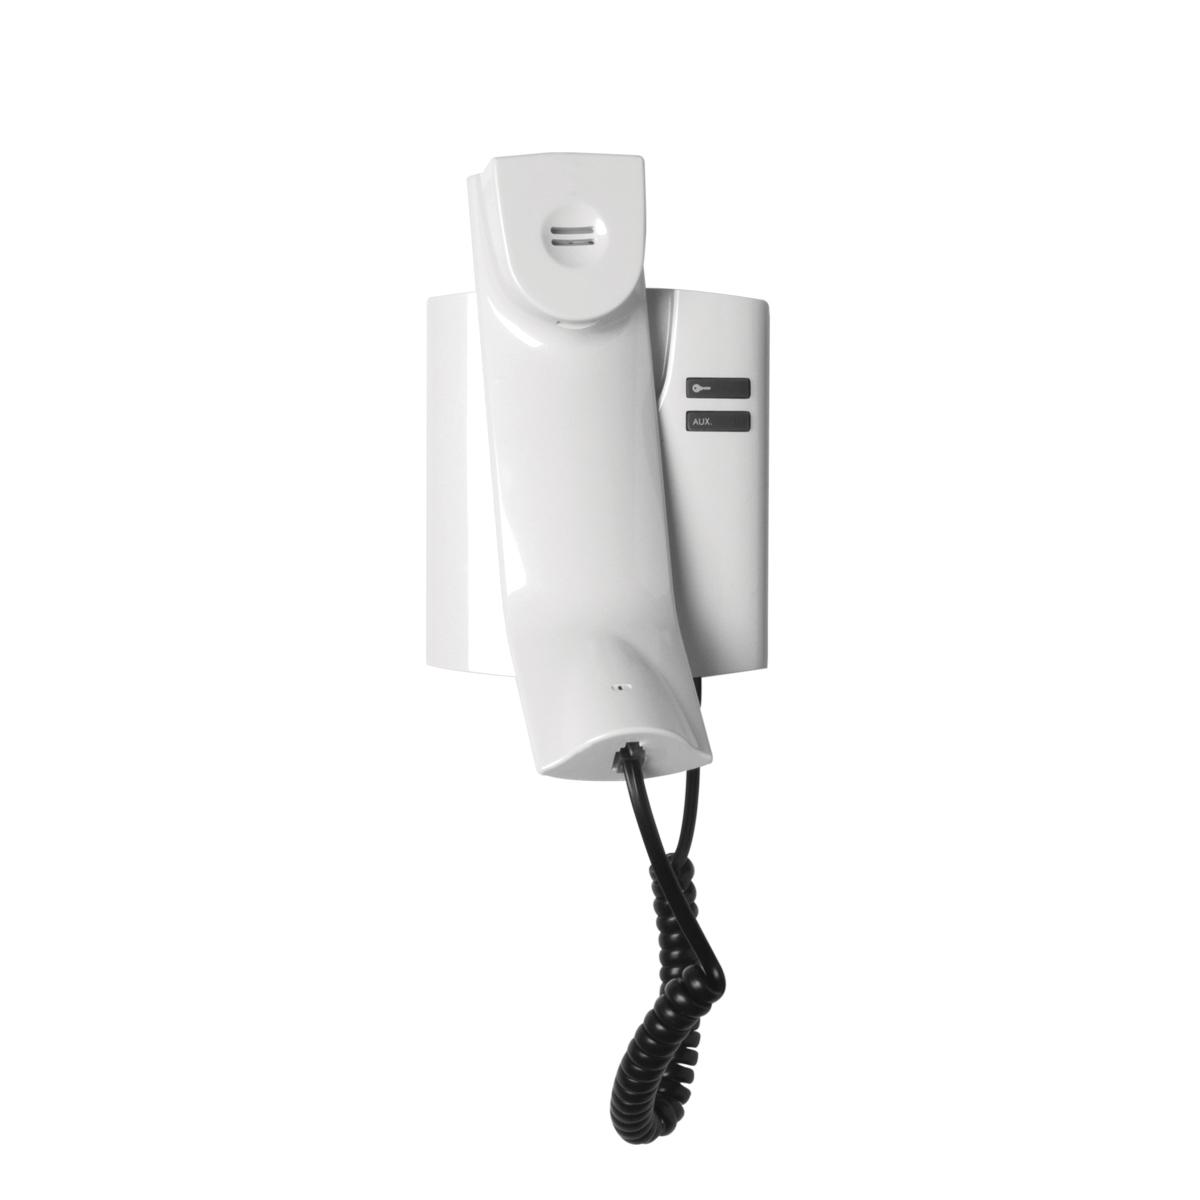 Extensão de áudio de Video porteiros da linha IV 7000,7010, 4010 INTELBRAS - JS Soluções em Segurança